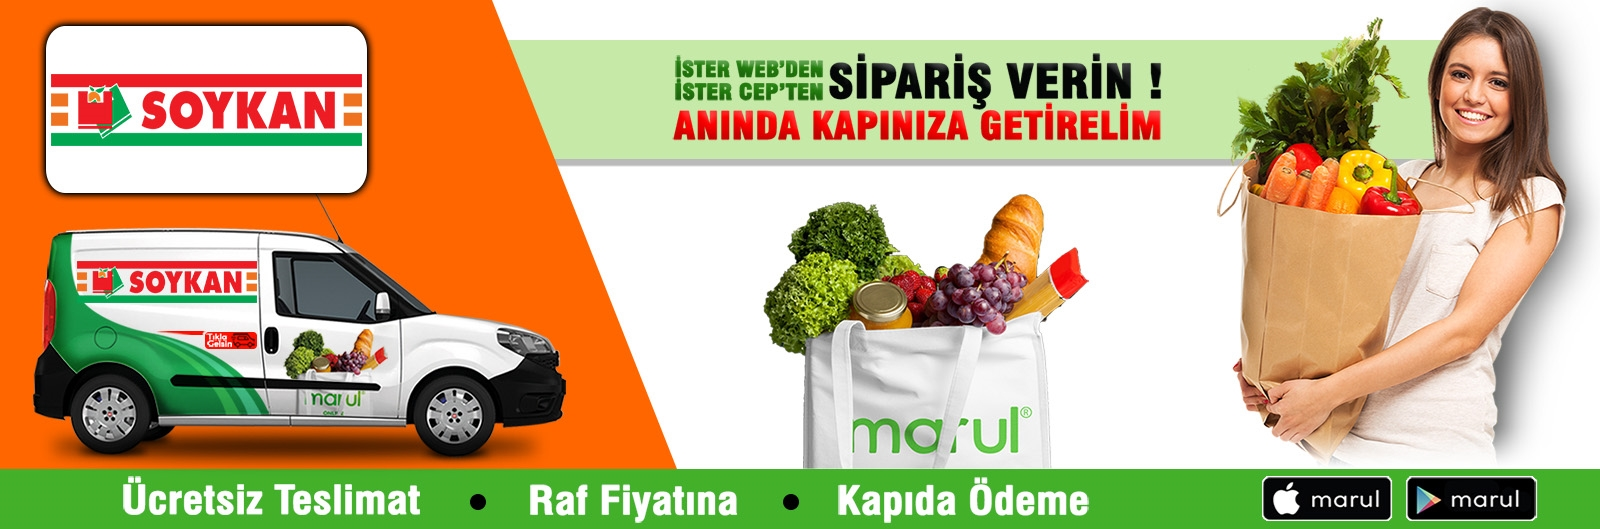 ankara soykan marketleri online sipariş